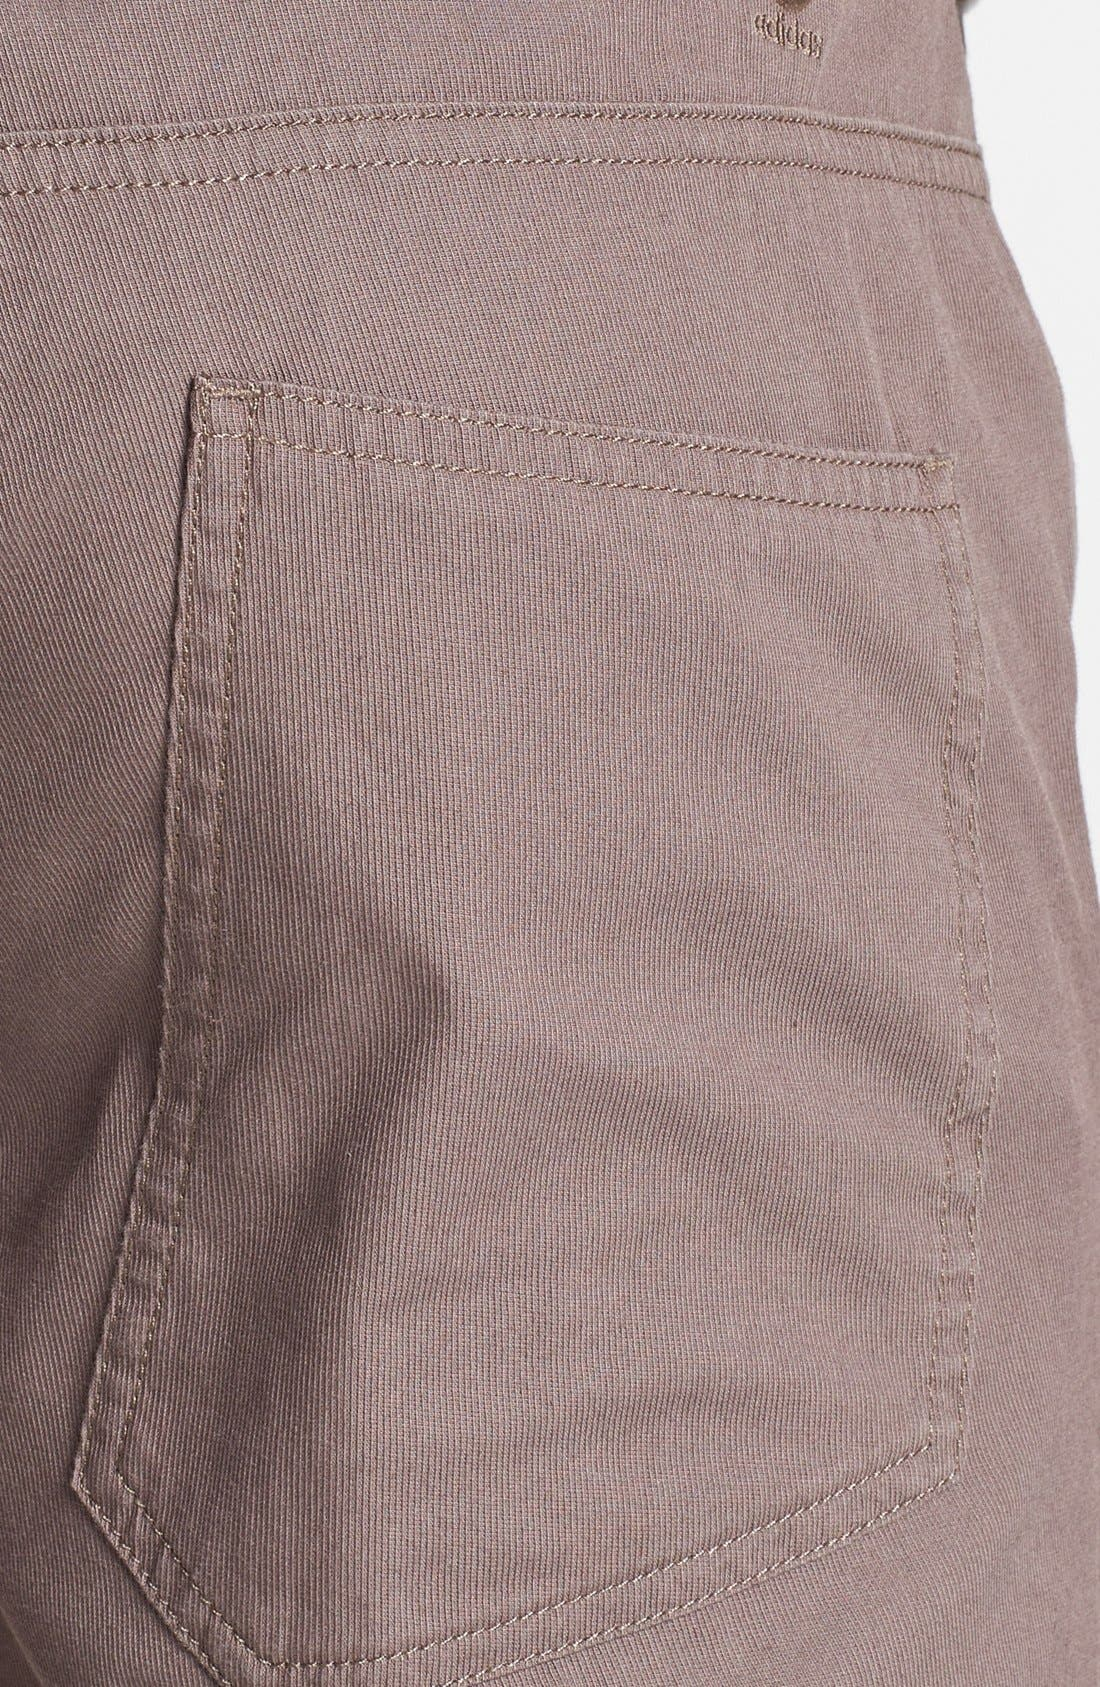 Alternate Image 3  - adidas SLVR Slim Pants